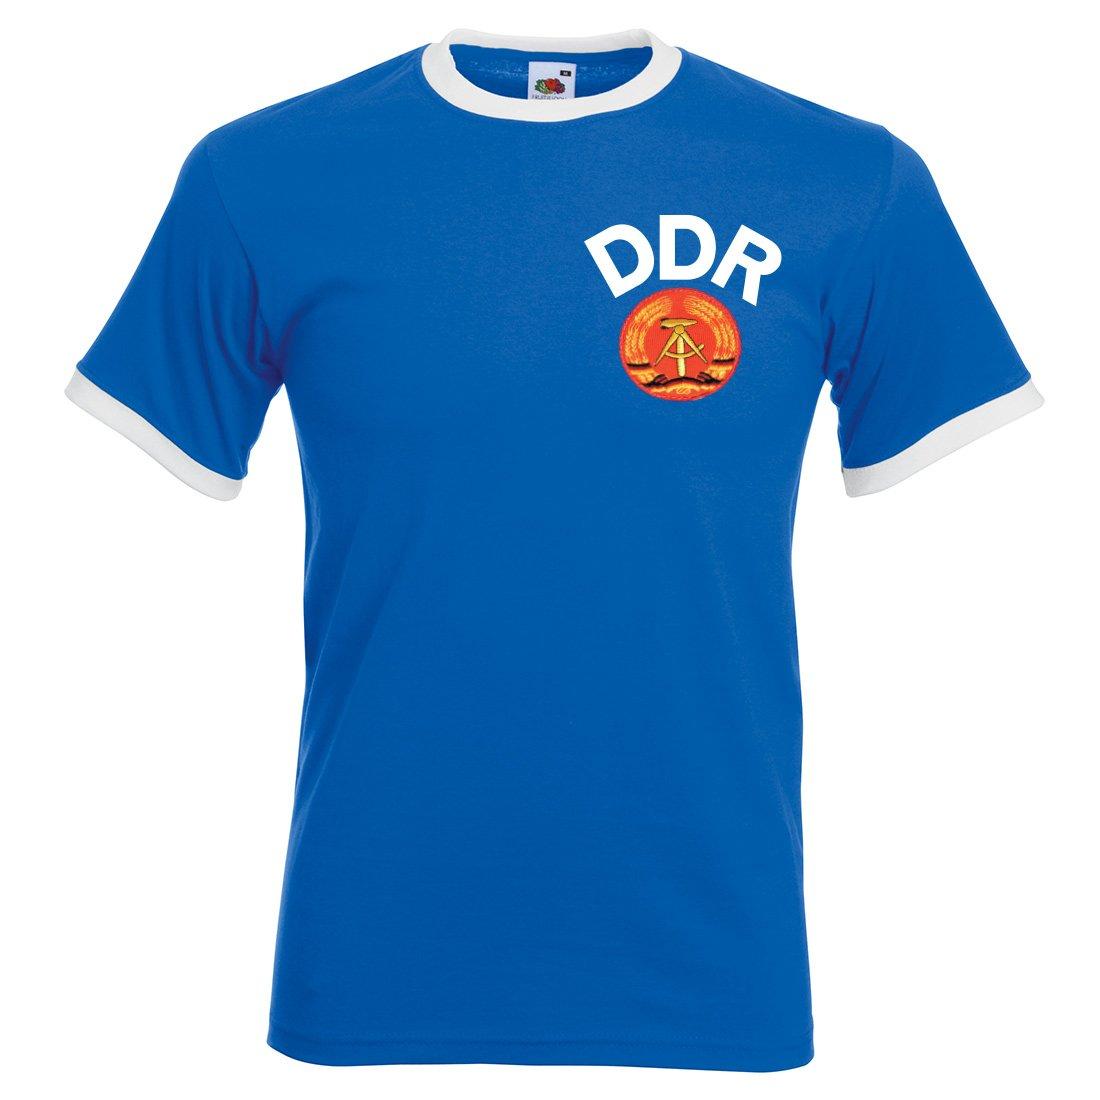 Camiseta de fúbtol para hombre, estilo retro, de la DDR (Alemania del este) multicolor Royal Blue and White Small: Amazon.es: Ropa y accesorios